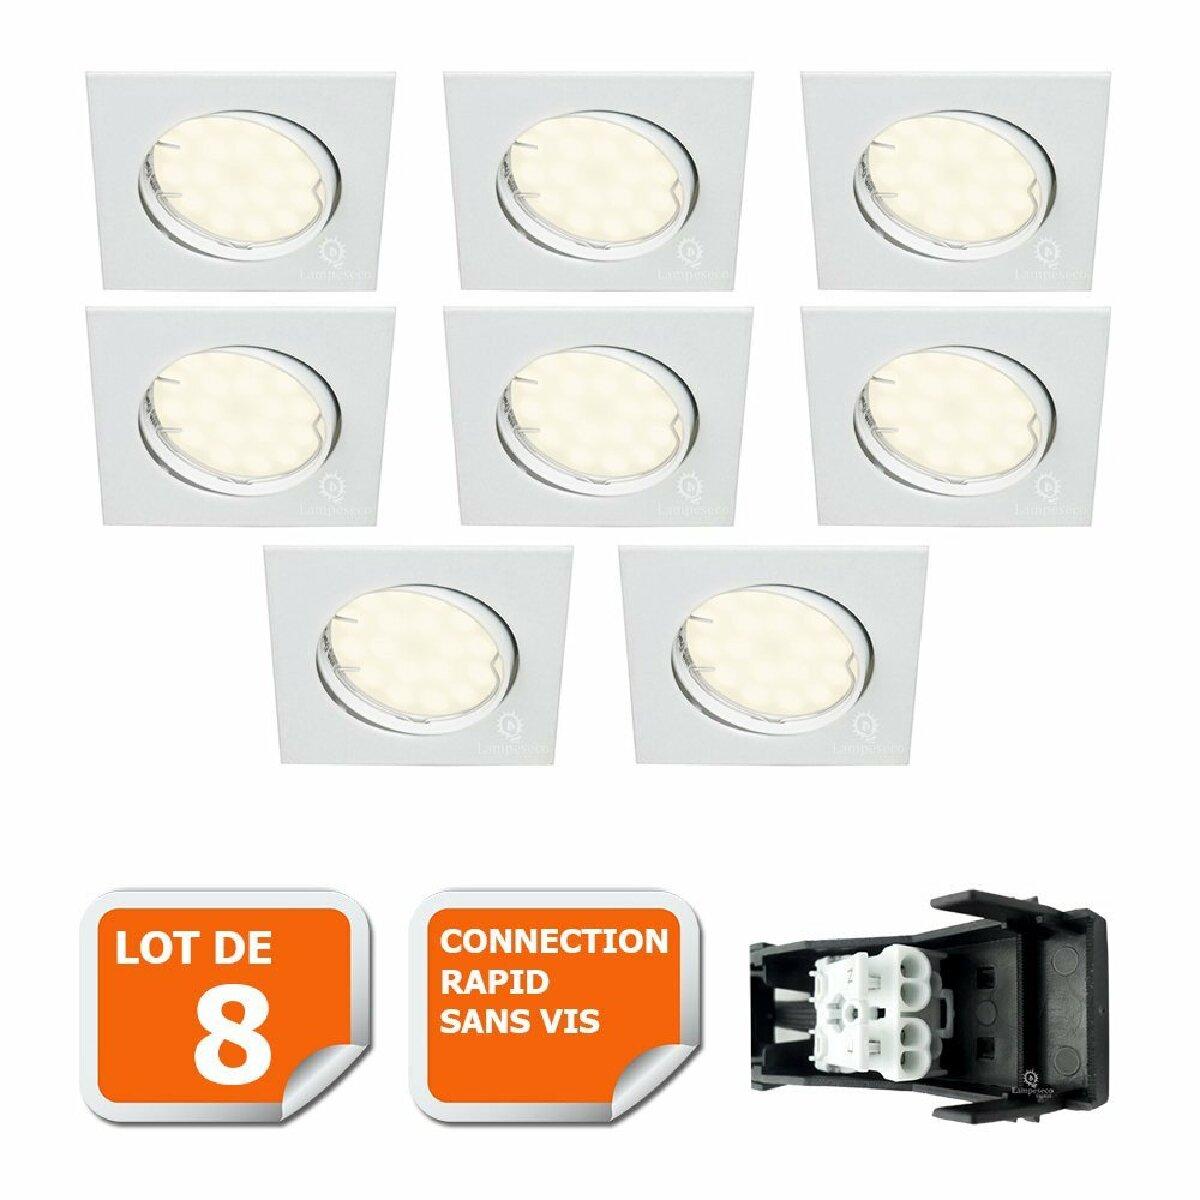 Lampesecoenergie LOT DE 8 SPOT ENCASTRABLE ORIENTABLE LED CARRE GU10 230V eq. 50W BLANC NEUTRE